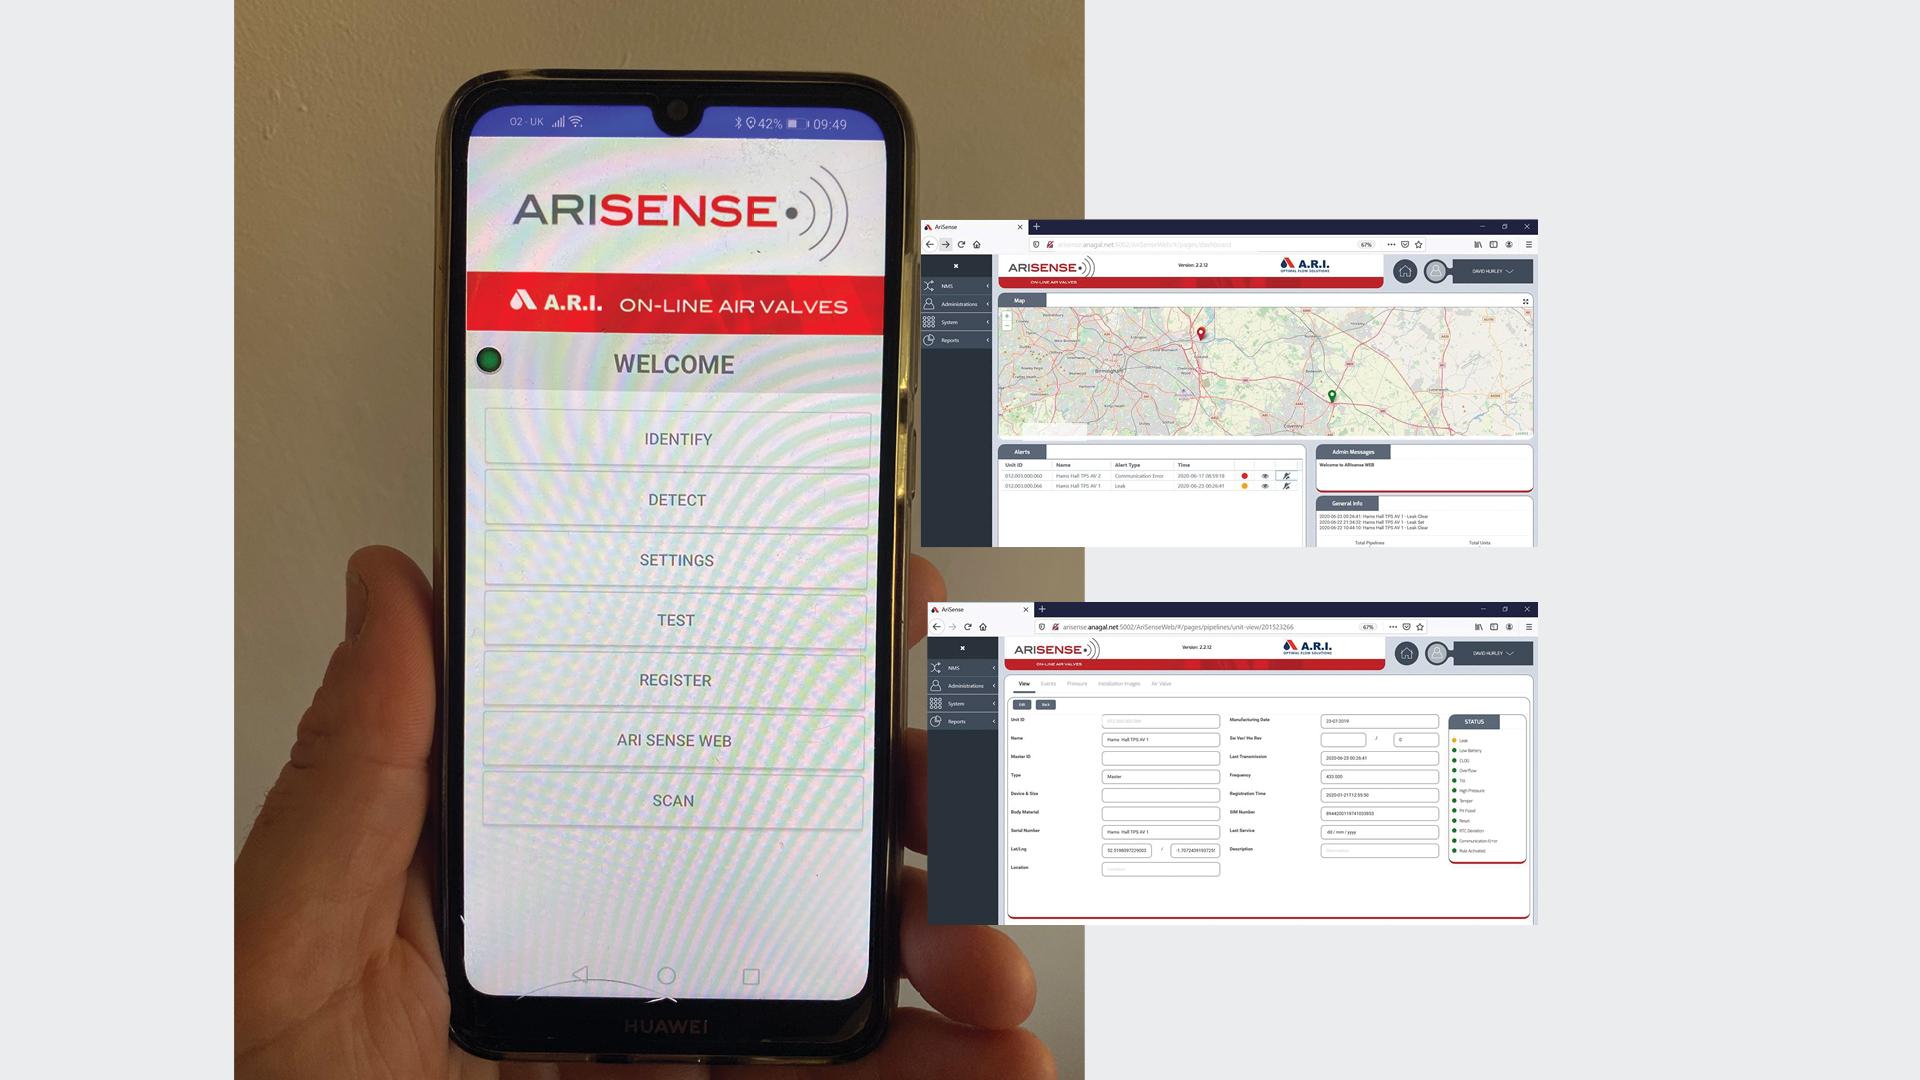 Bottom Image left - scada  data on mobile